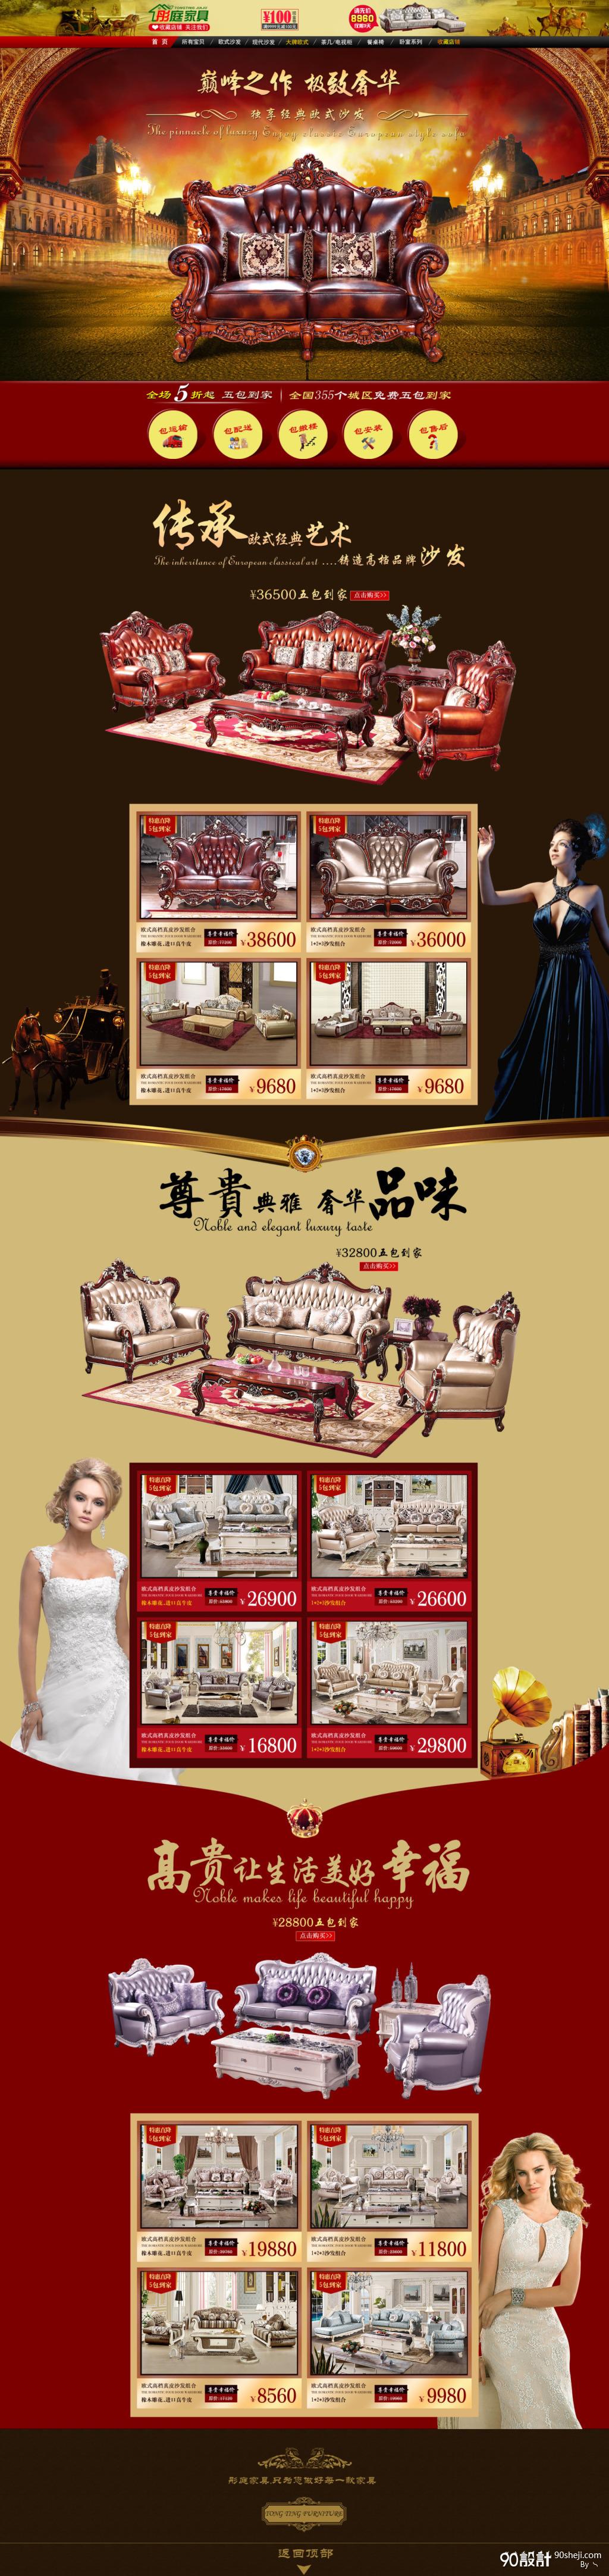 奢华欧式沙发页面